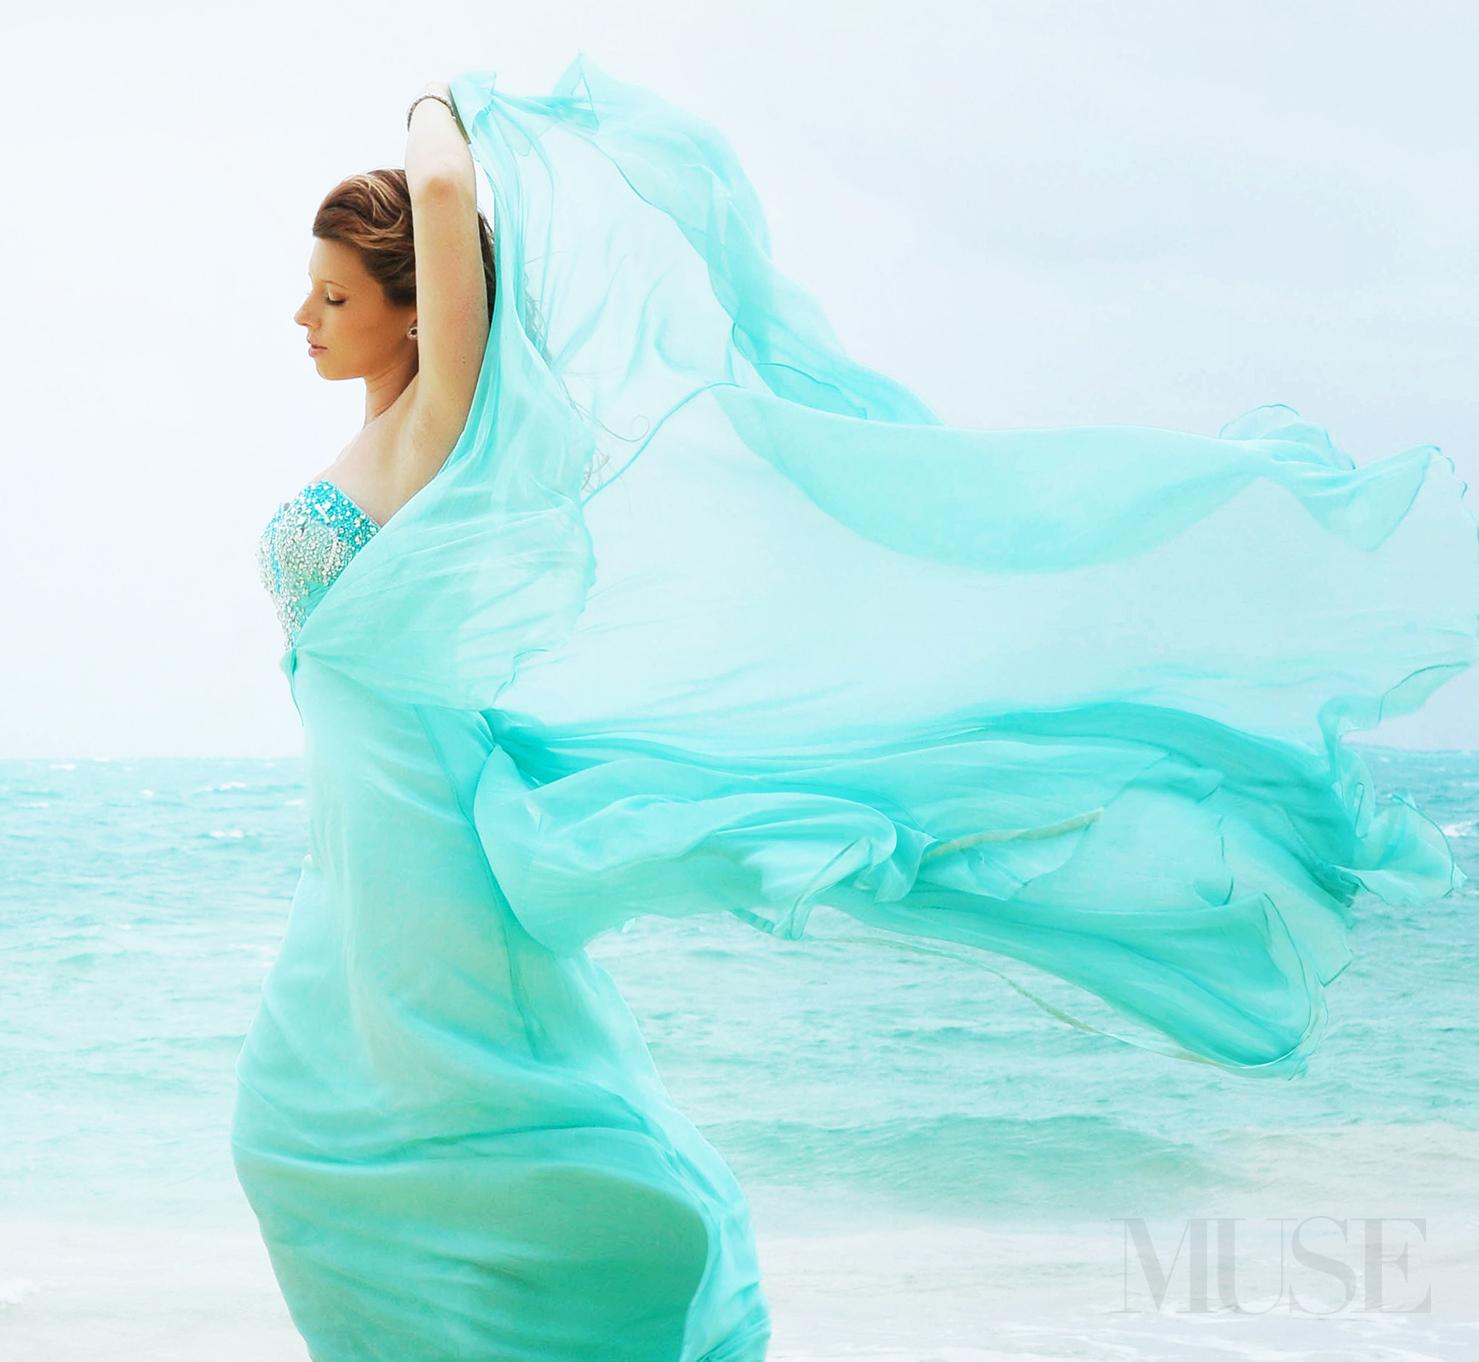 MUSE Bride - Erin Editorial